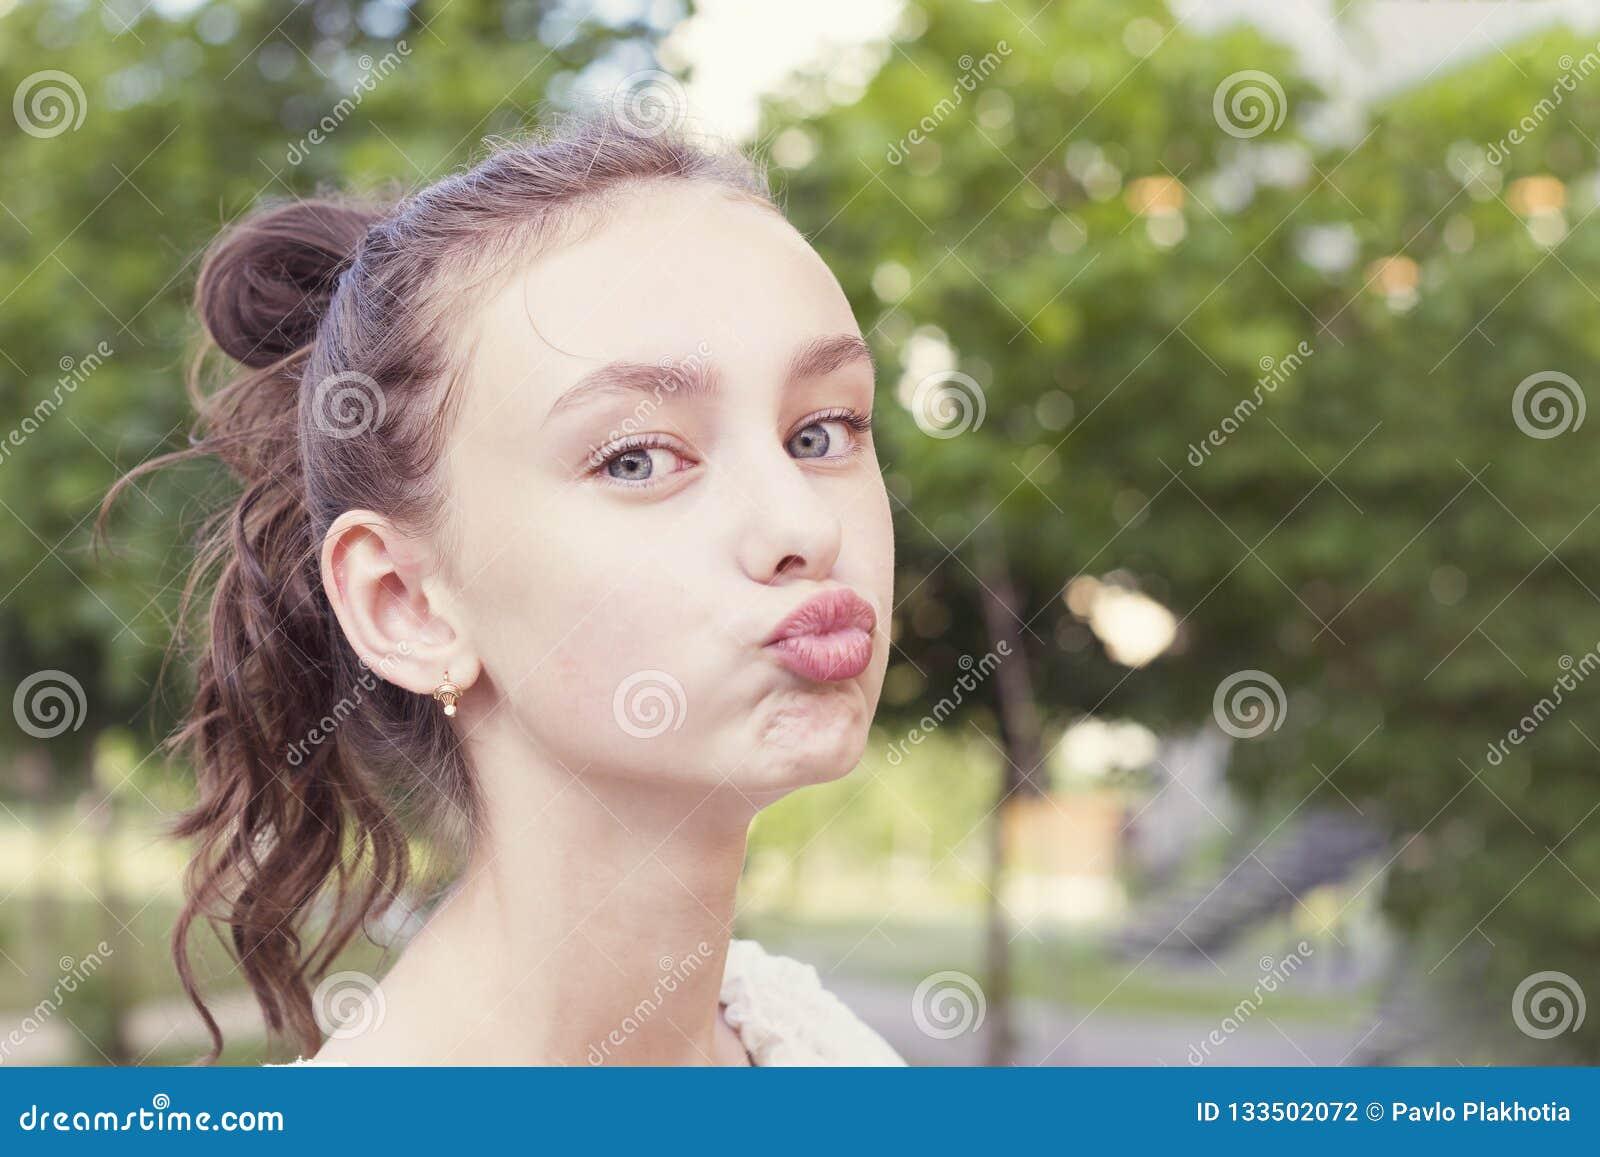 Το κορίτσι κρατά τα χείλια όπως πηγαίνοντας να φιλήσει κάποιο